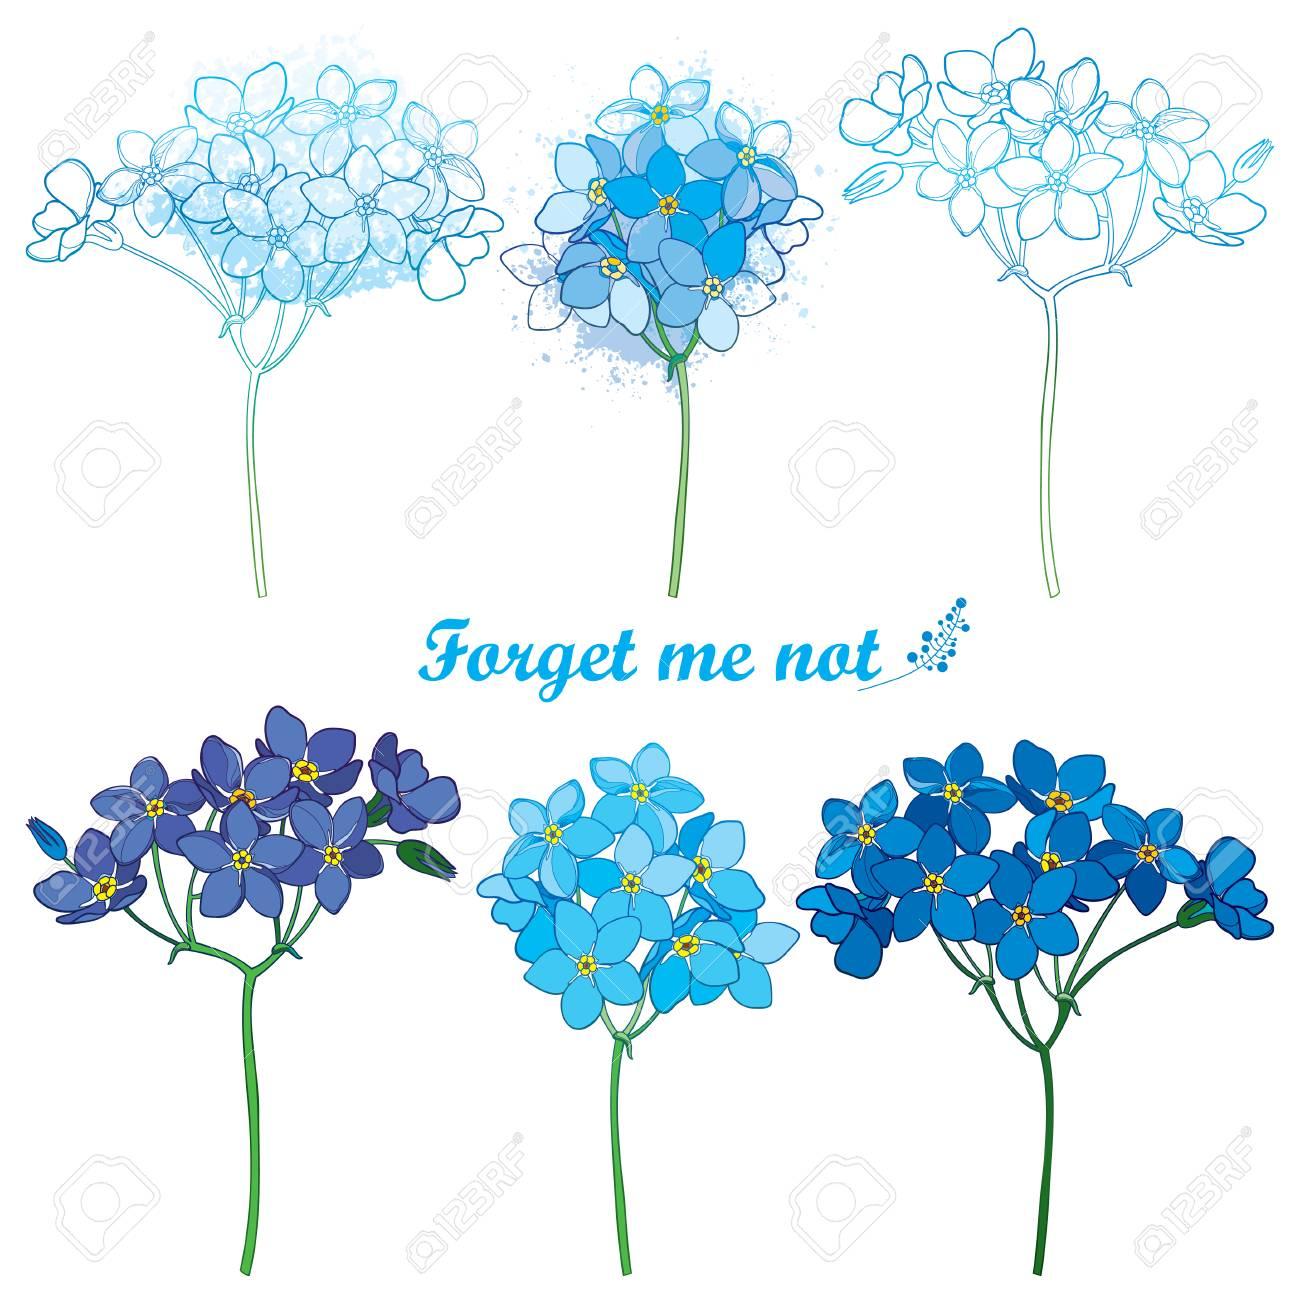 Coloriage Fleur Myosotis.Sertie De Contour Ne M Oubliez Pas Ou Bouquet De Fleurs De Myosotis